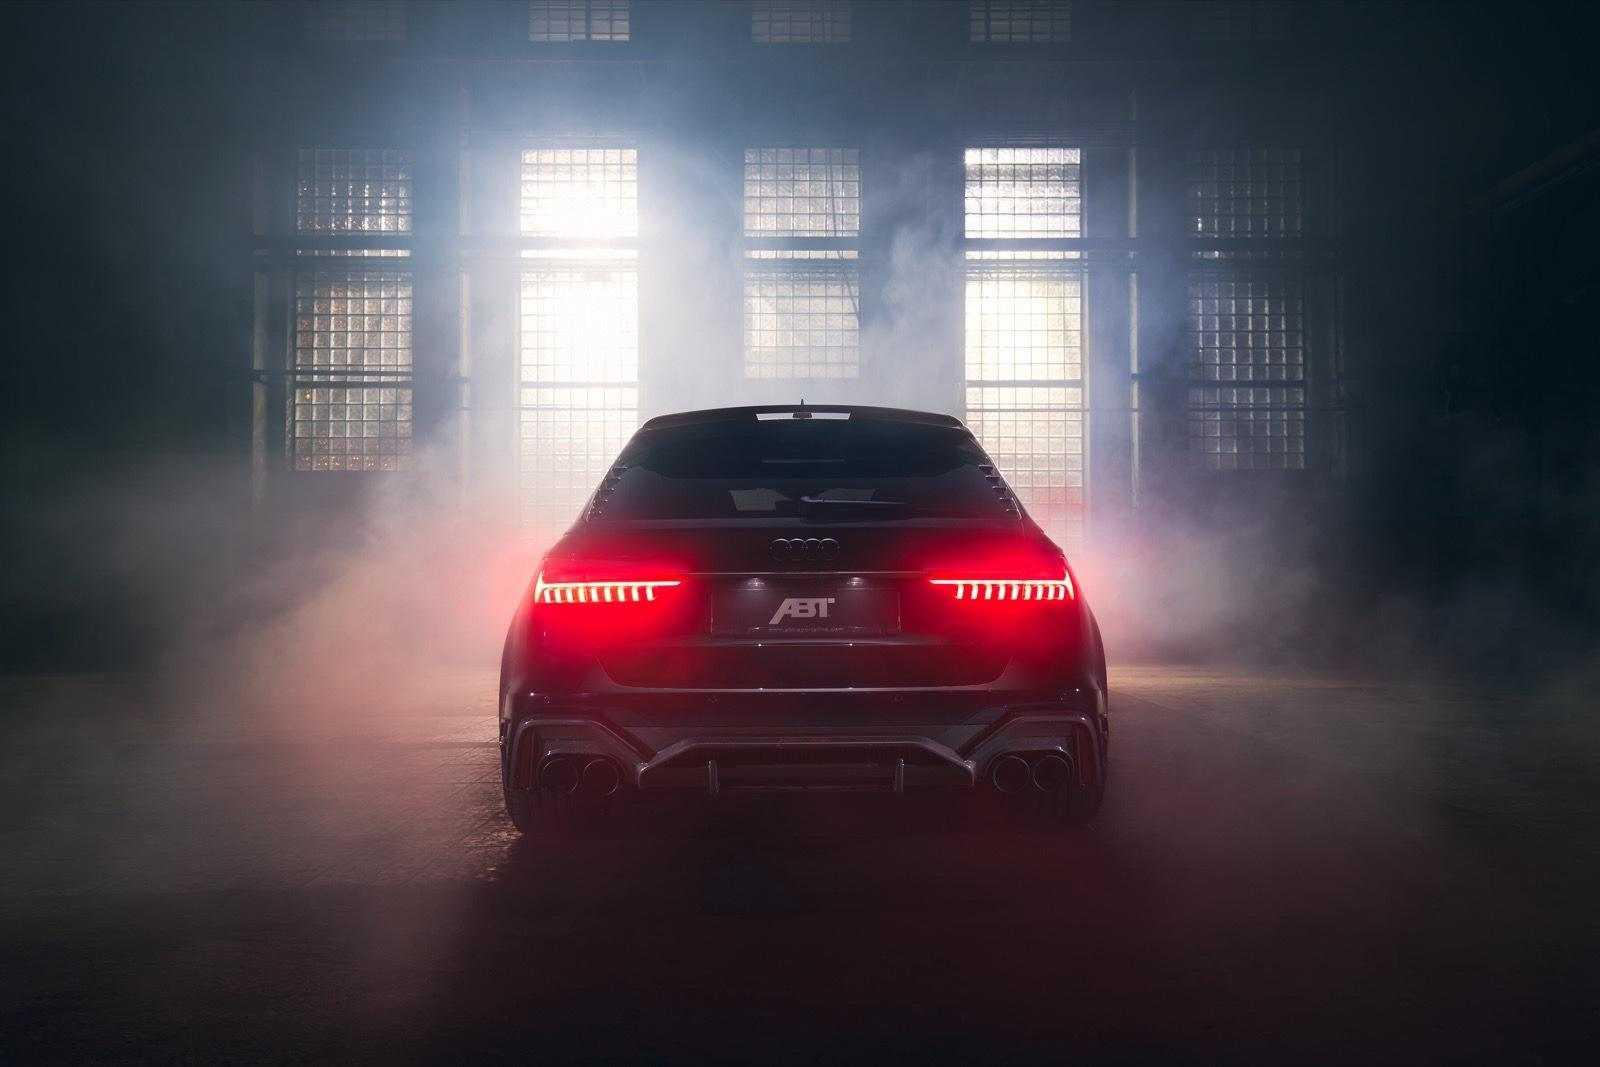 Audi_RS6_Johann_Abt_Signature_Edition-0004